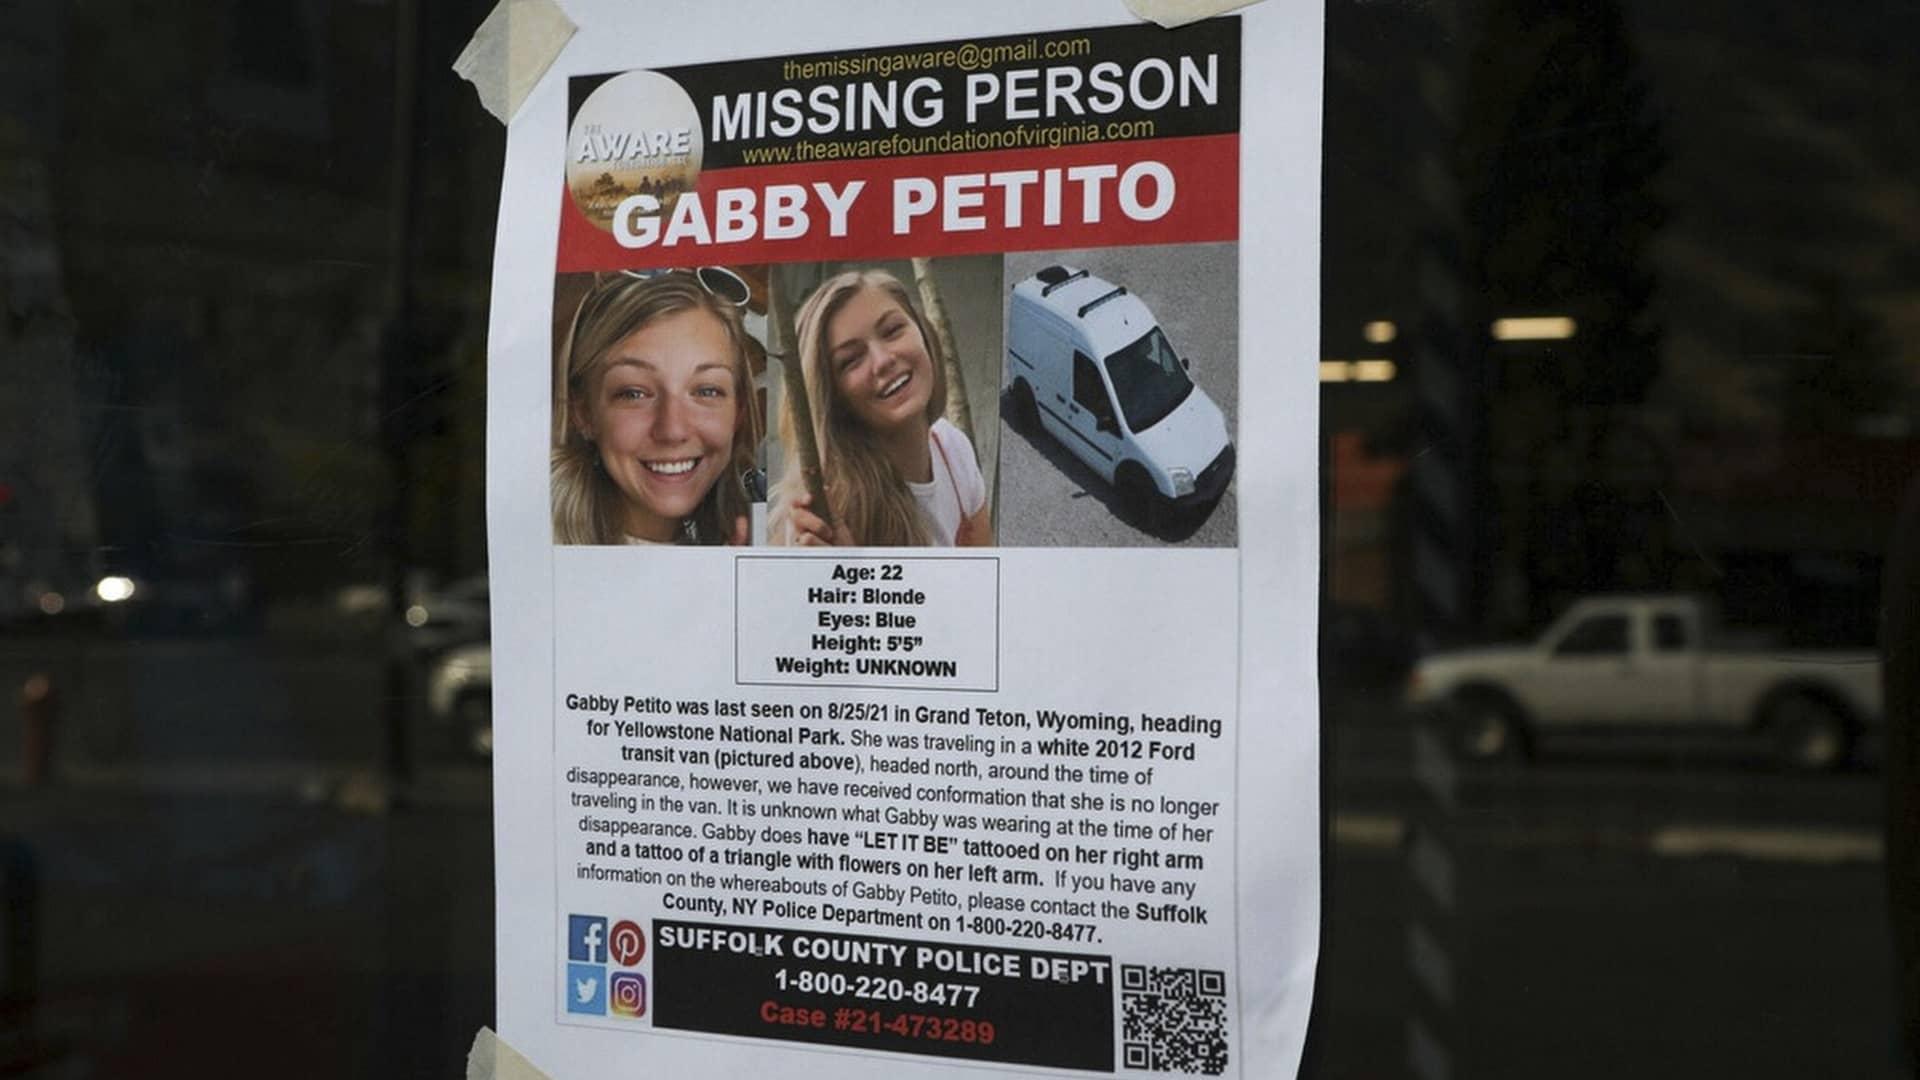 Es muy probable que los aparentes restos encontrados en un parque de Florida sean de Brian Laundrie, dice abogado de la familia